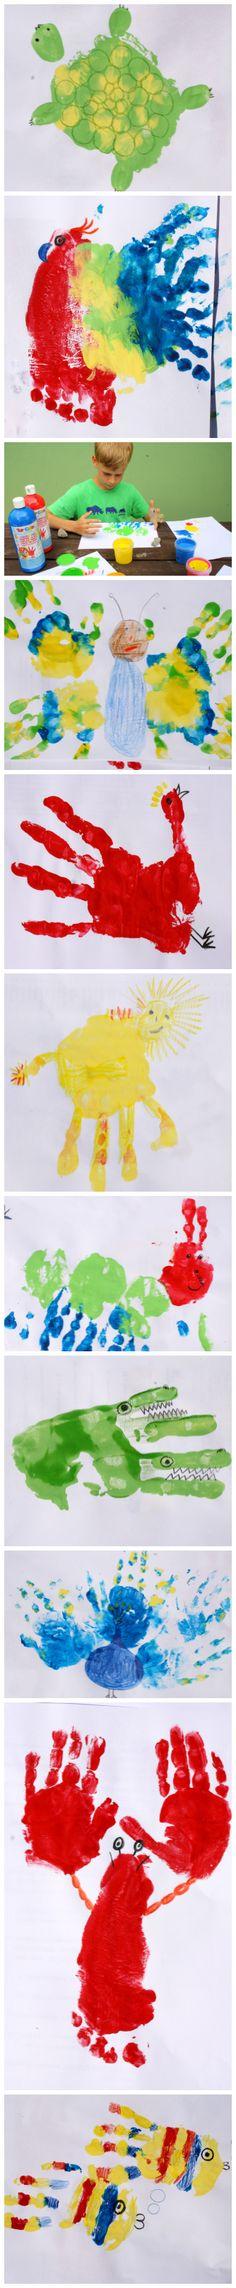 Deset zvířat prstovými barvami. Malování prstovými barvami. Otisk rukou a nohou. Malování s dětmi, malování s nejmenšími, aktivity s dětmi.